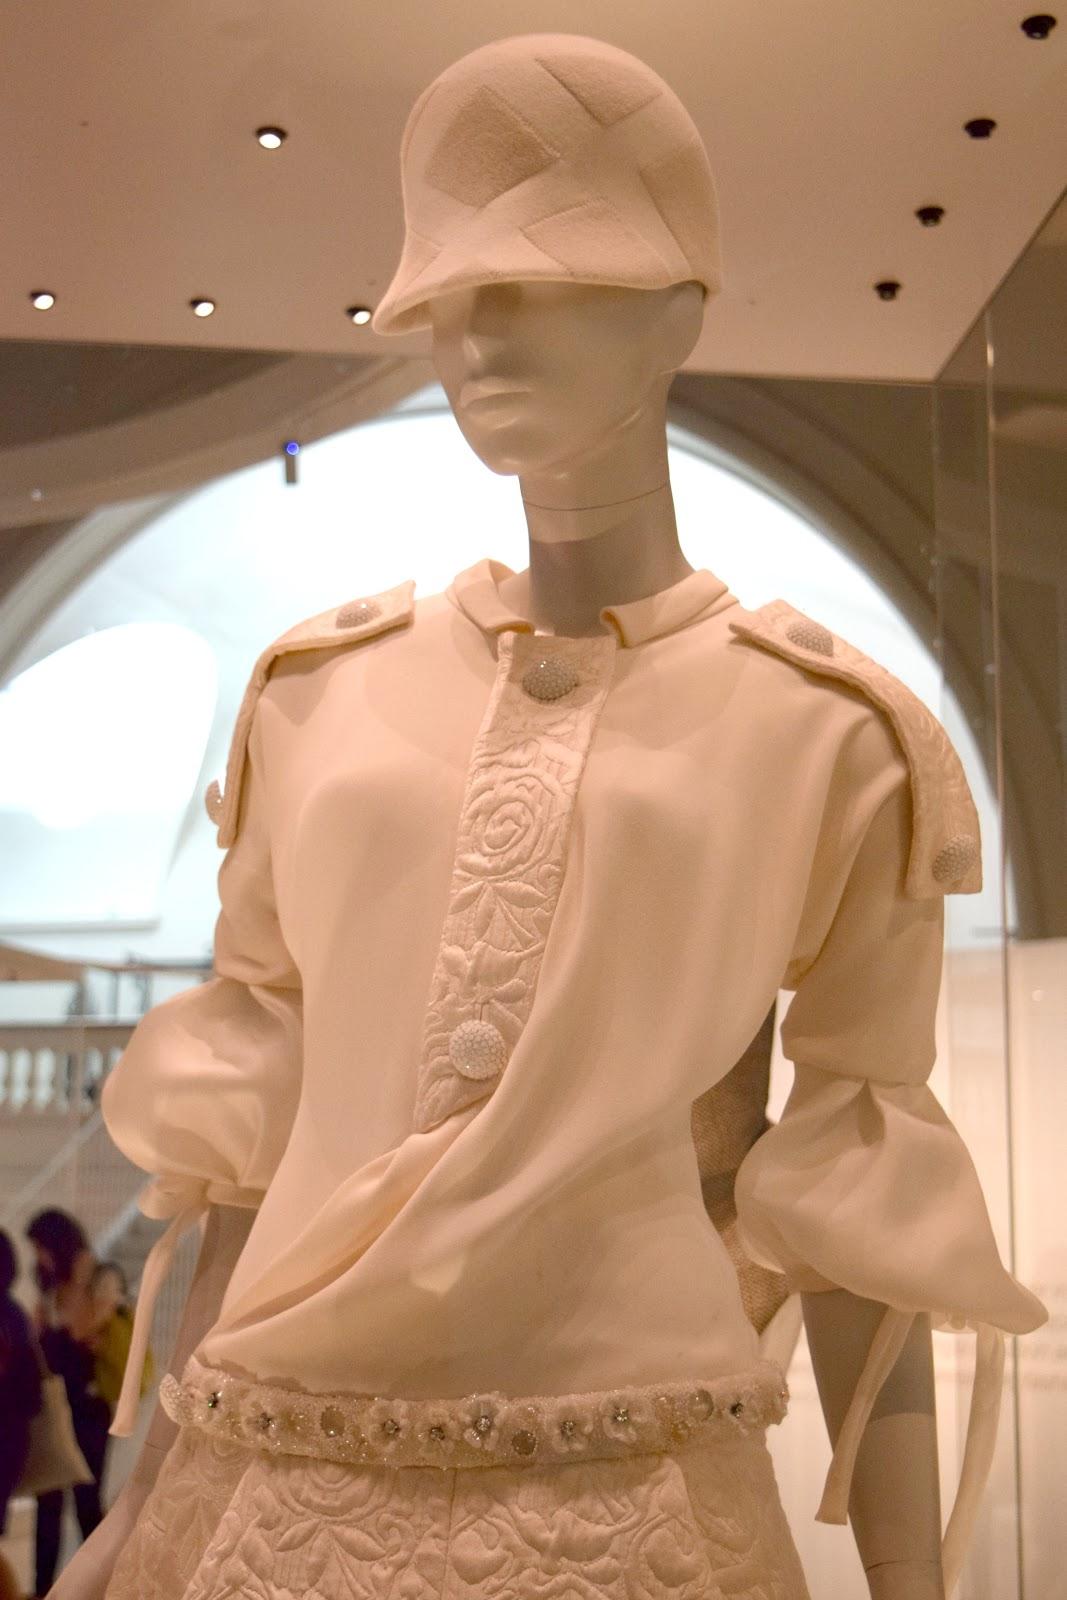 contemporary fashion influenced by Balenciaga